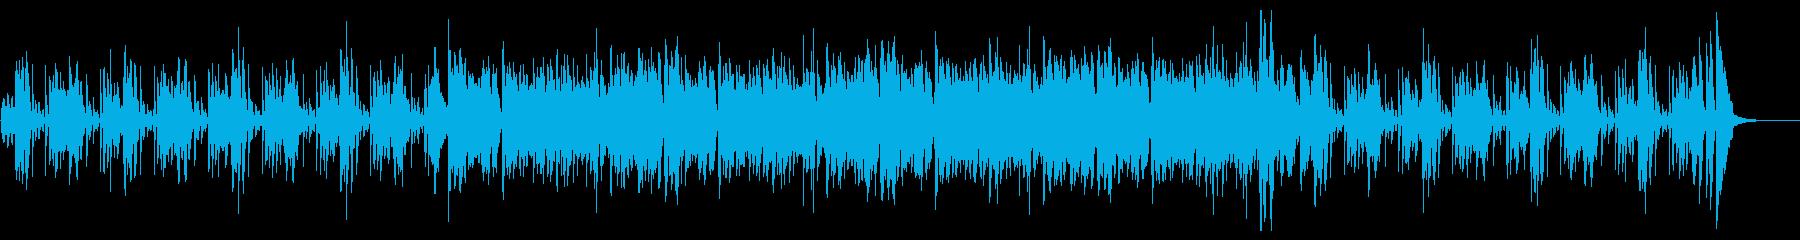 サックスのソリッドで都会的なファンク音楽の再生済みの波形